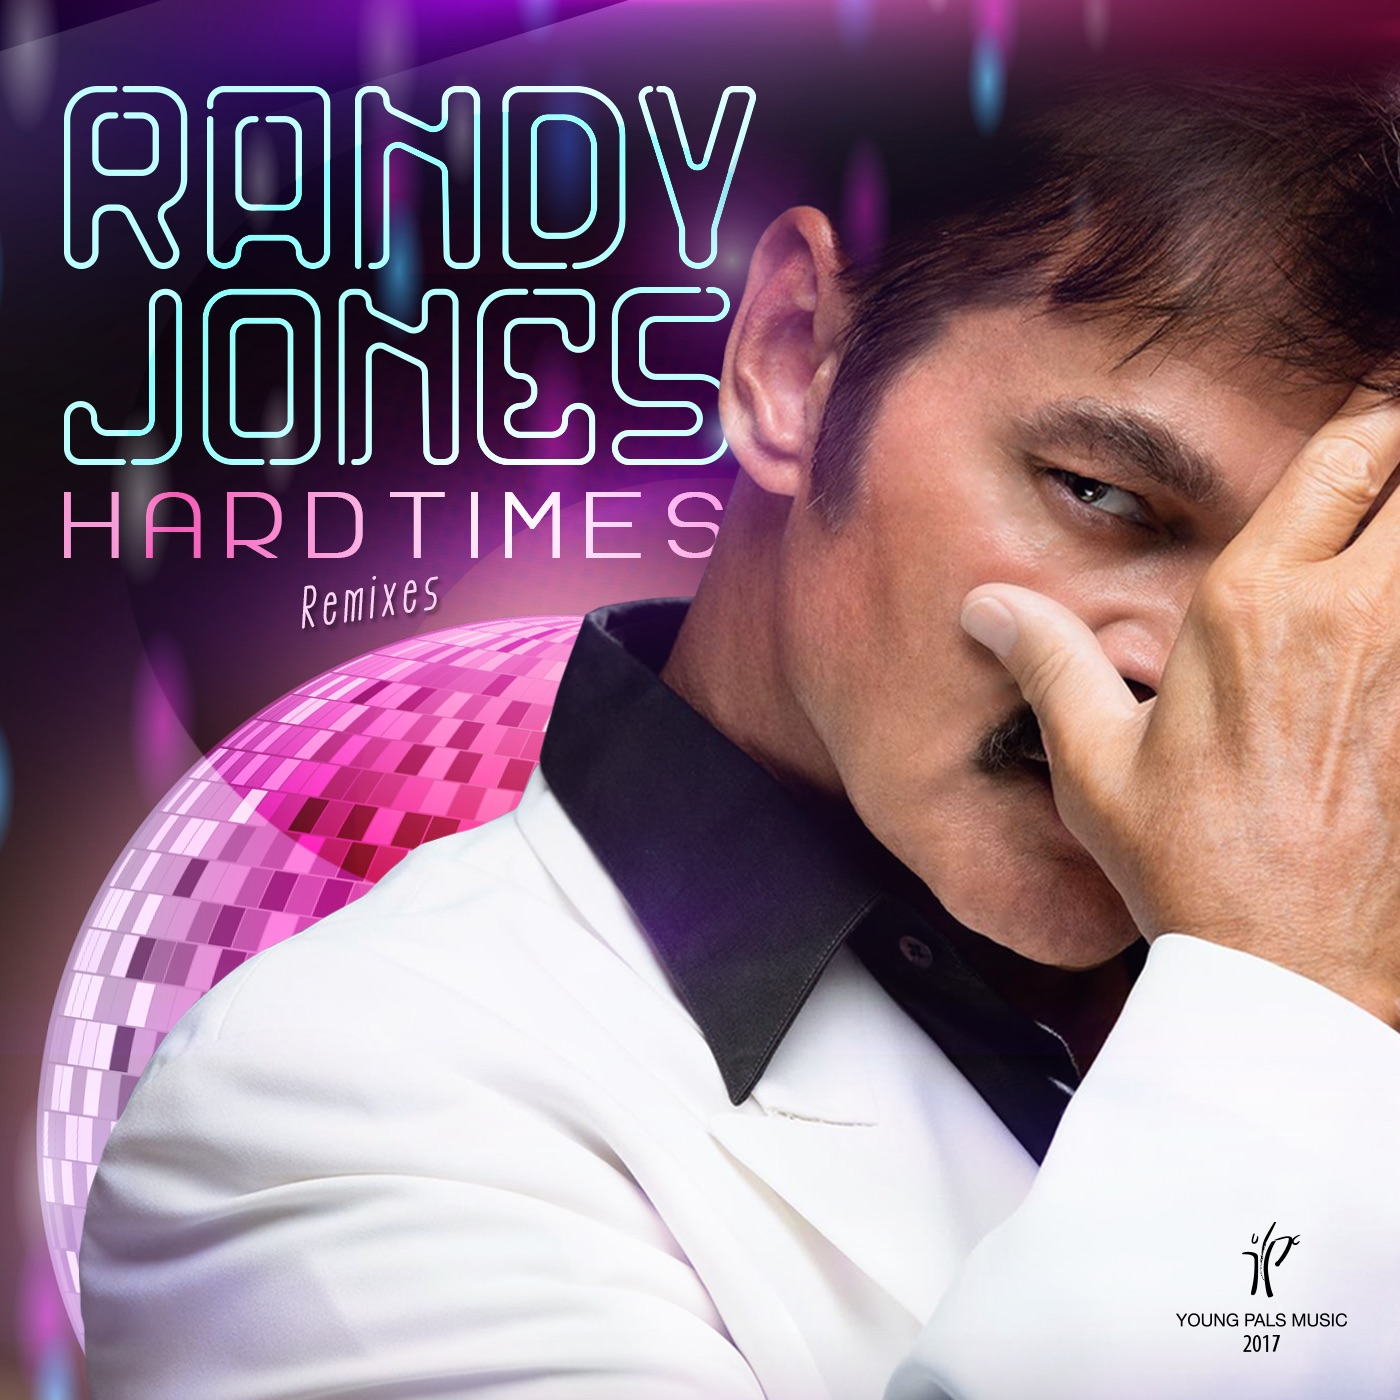 Randy Cowboy Hot Solo